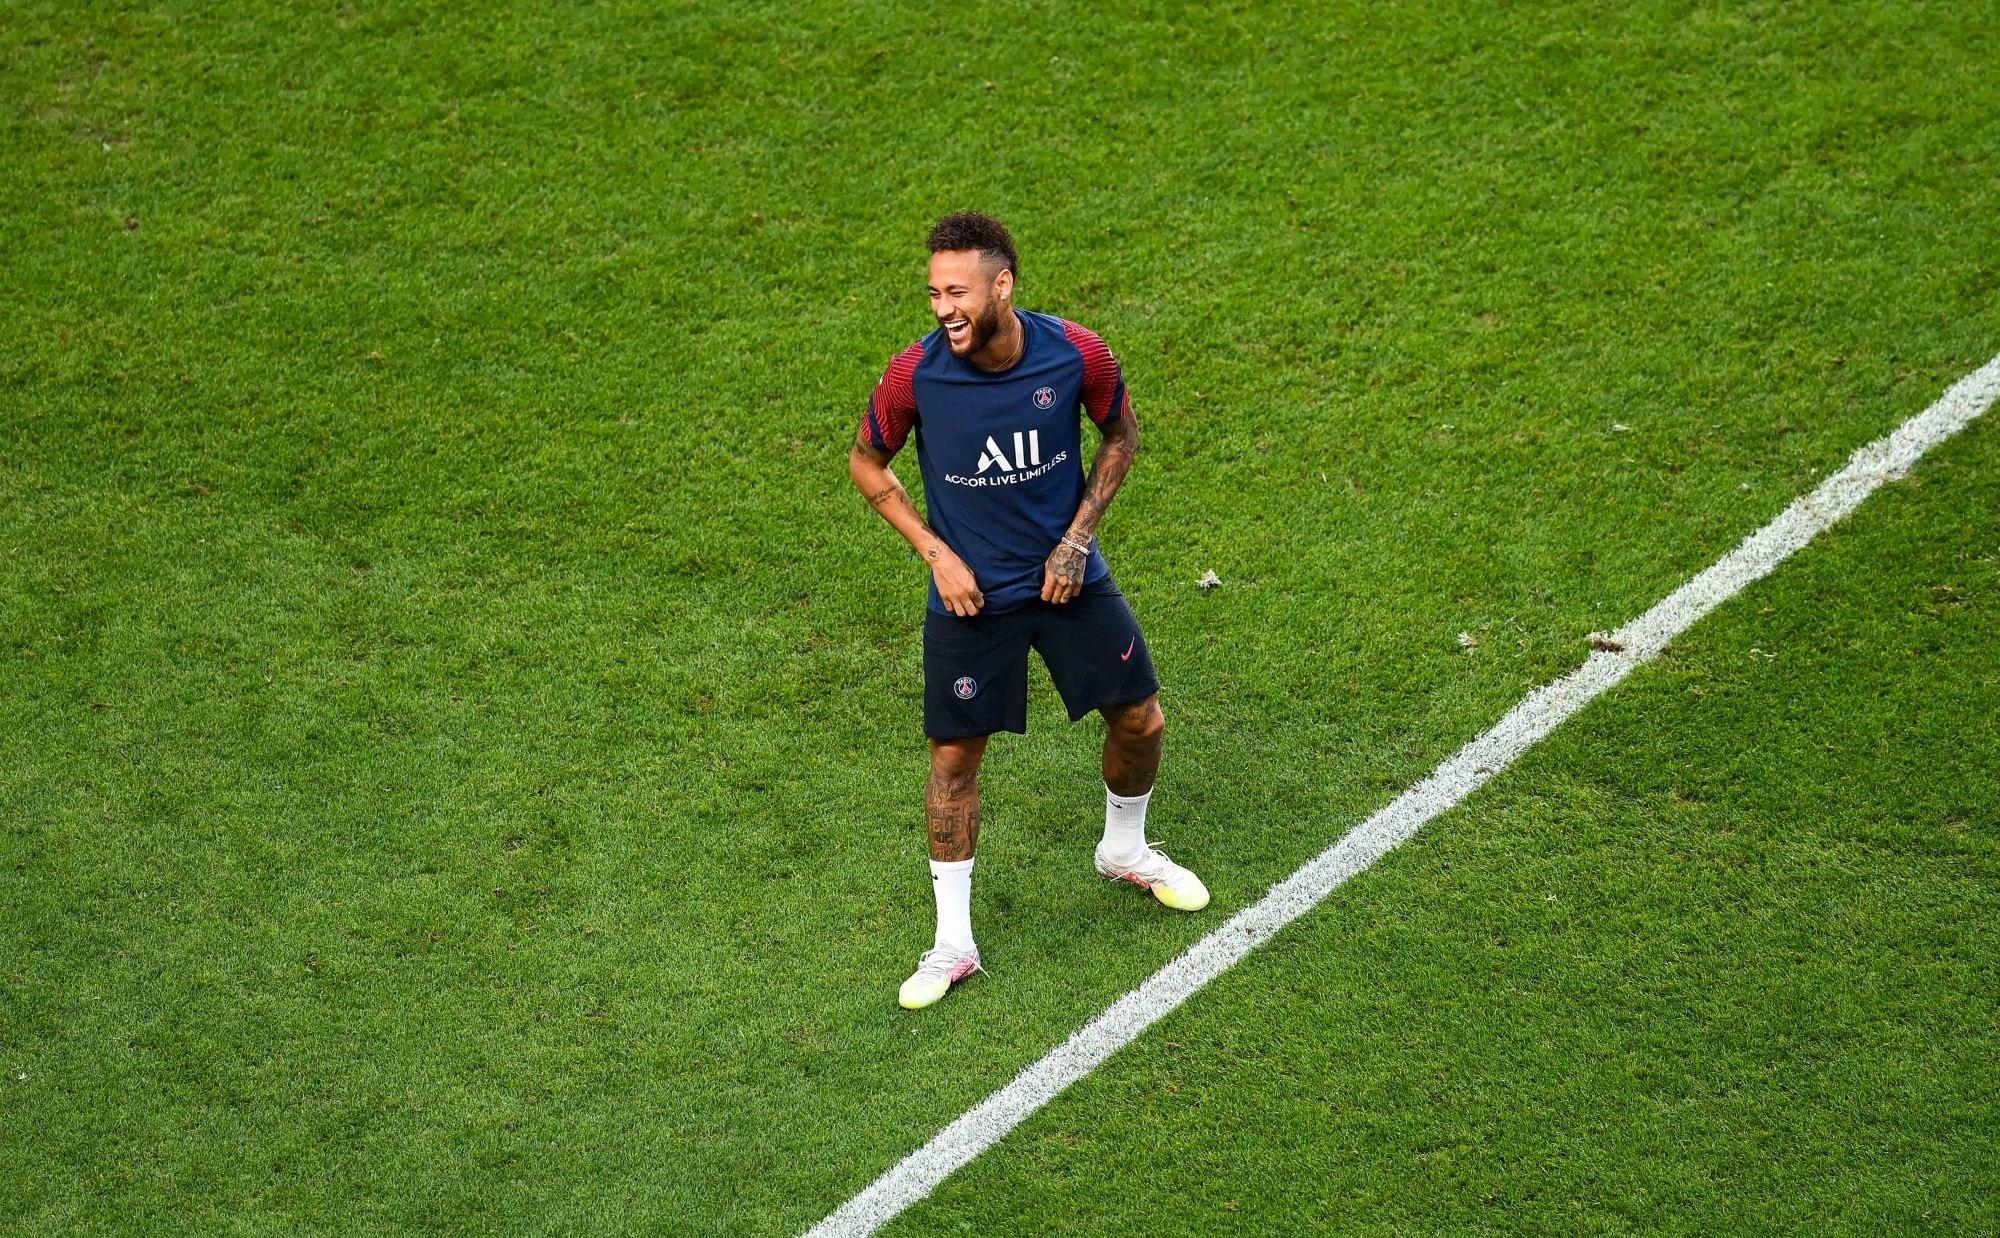 PSG/OM - Presque tous les Parisiens de retour à l'entraînement, Florenzi présent